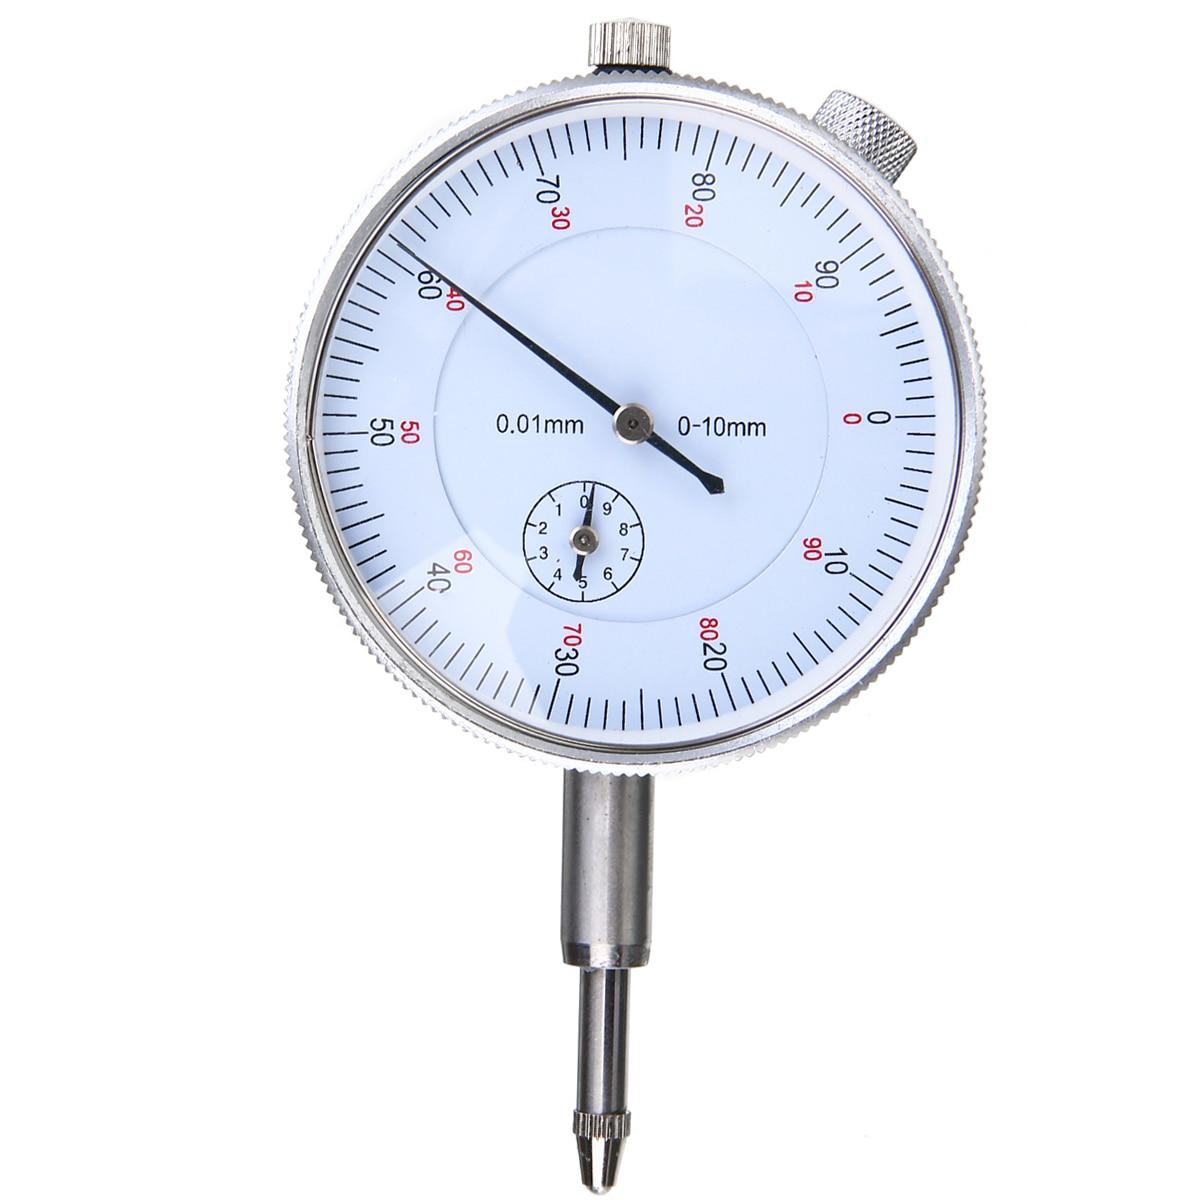 Discar Indicador 0-10mm/0.01mm Dial Medidor Indicador De Precisão Micrômetro Ferramentas Instrumento de Medição de Alta Precisão de Concentricidade